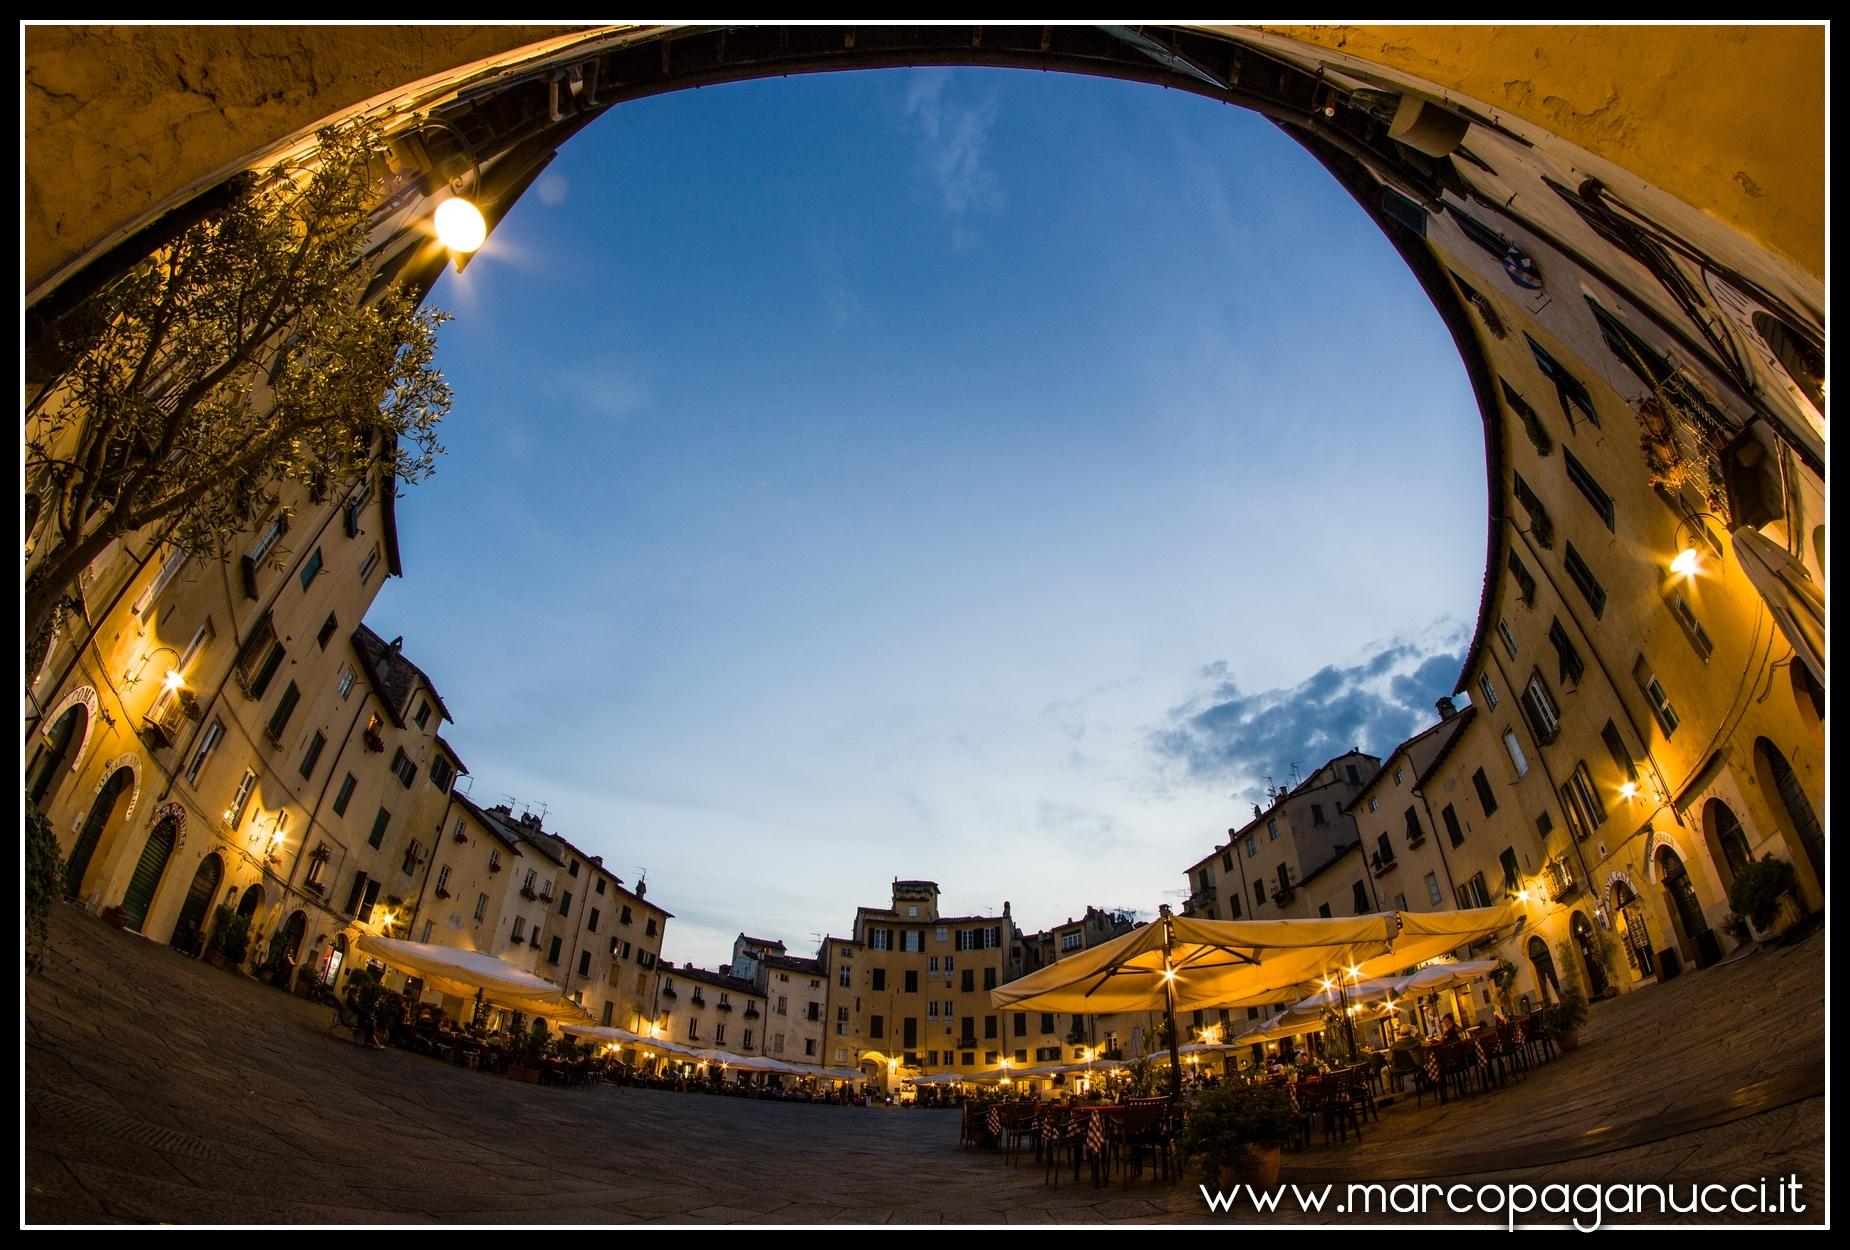 Piazza Anfiteatro Lucca...